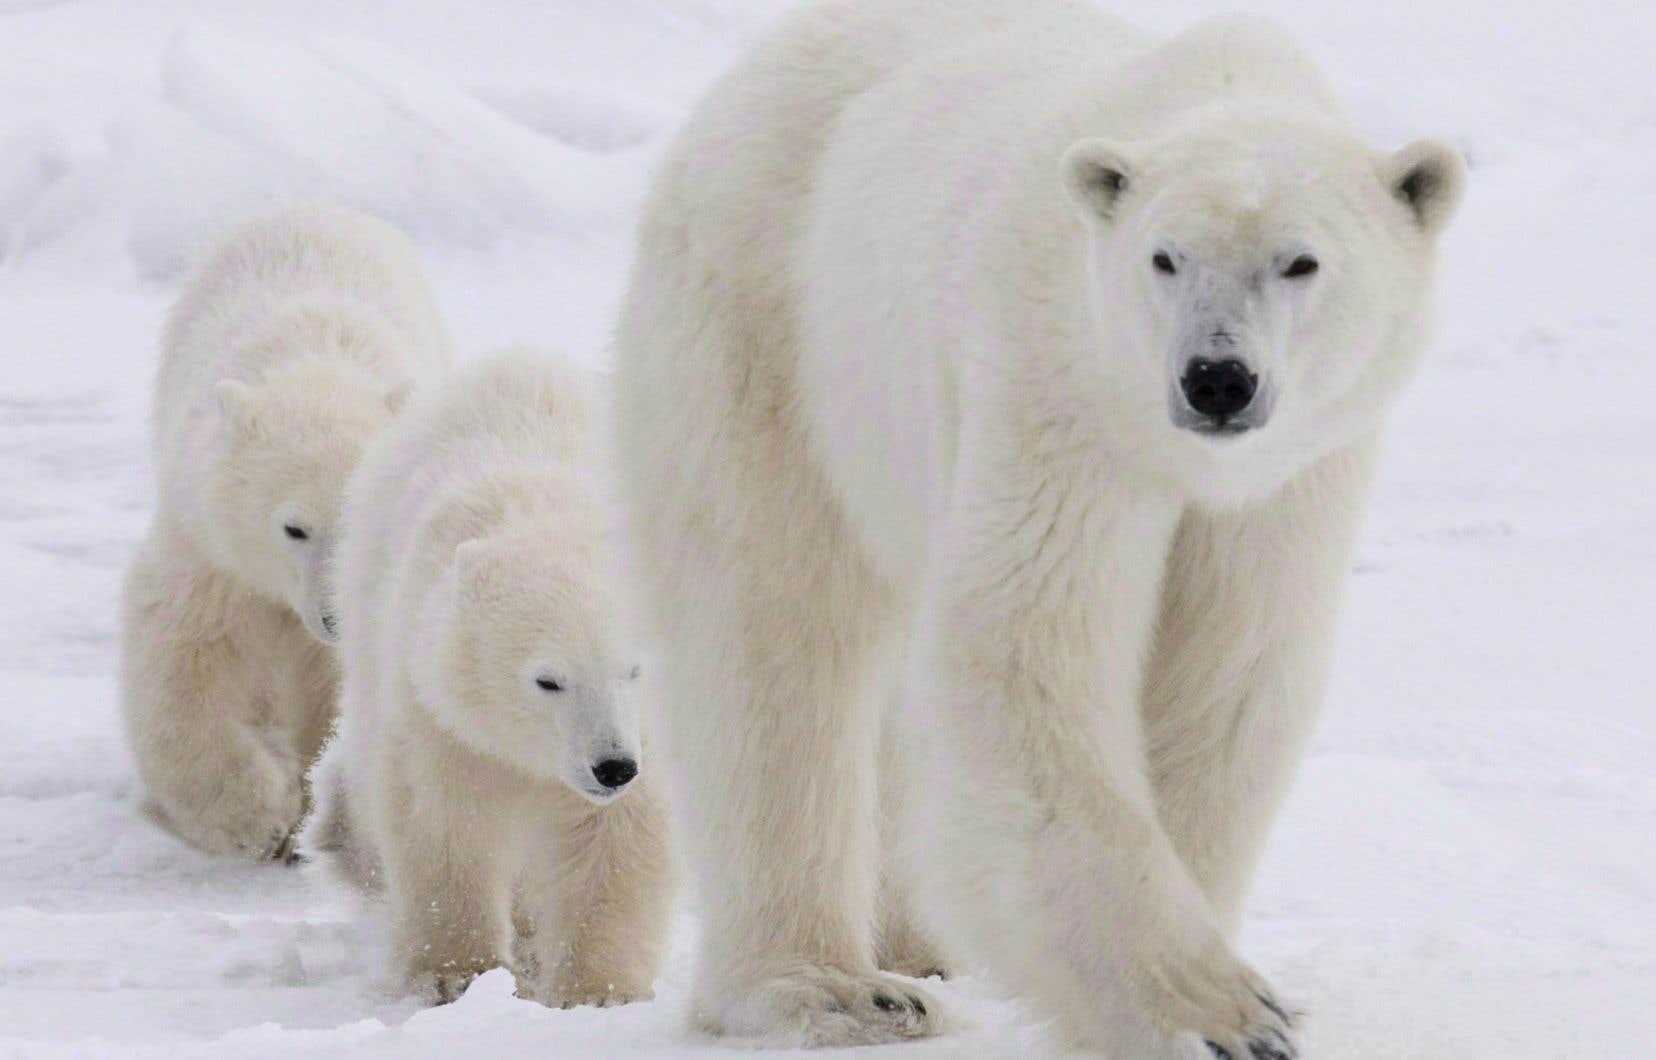 Les ours blancs bénéficient d'une relative protection en raison de leur statut d'espèce «préoccupante».